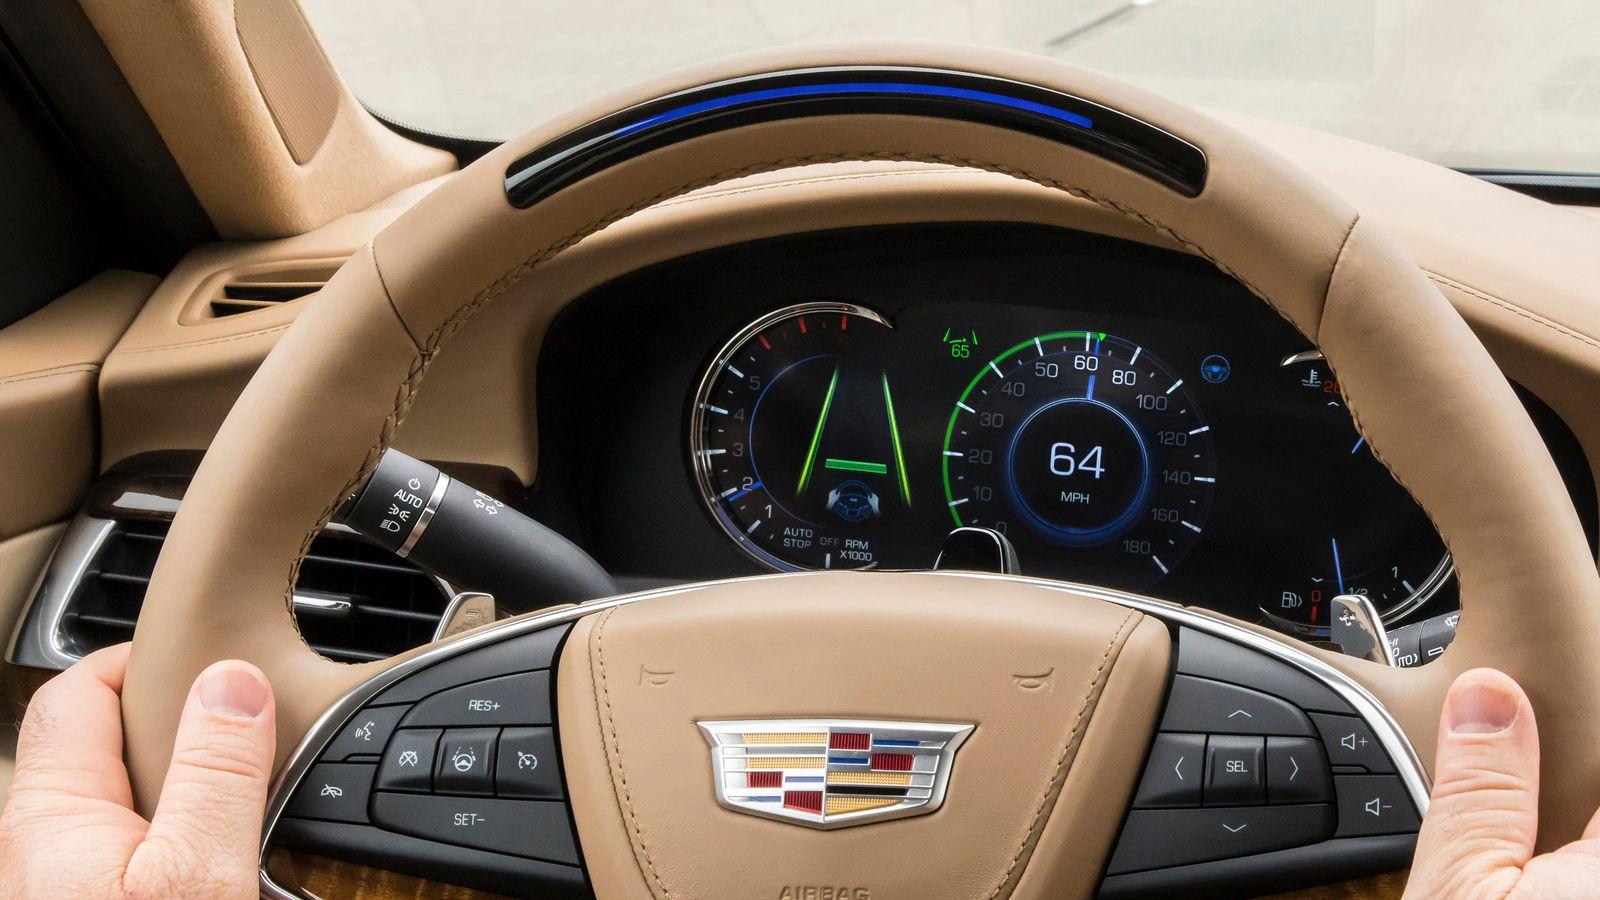 Istraživanje – polovina vozača ne zna da koristi tehnološka rešenja na automobilu